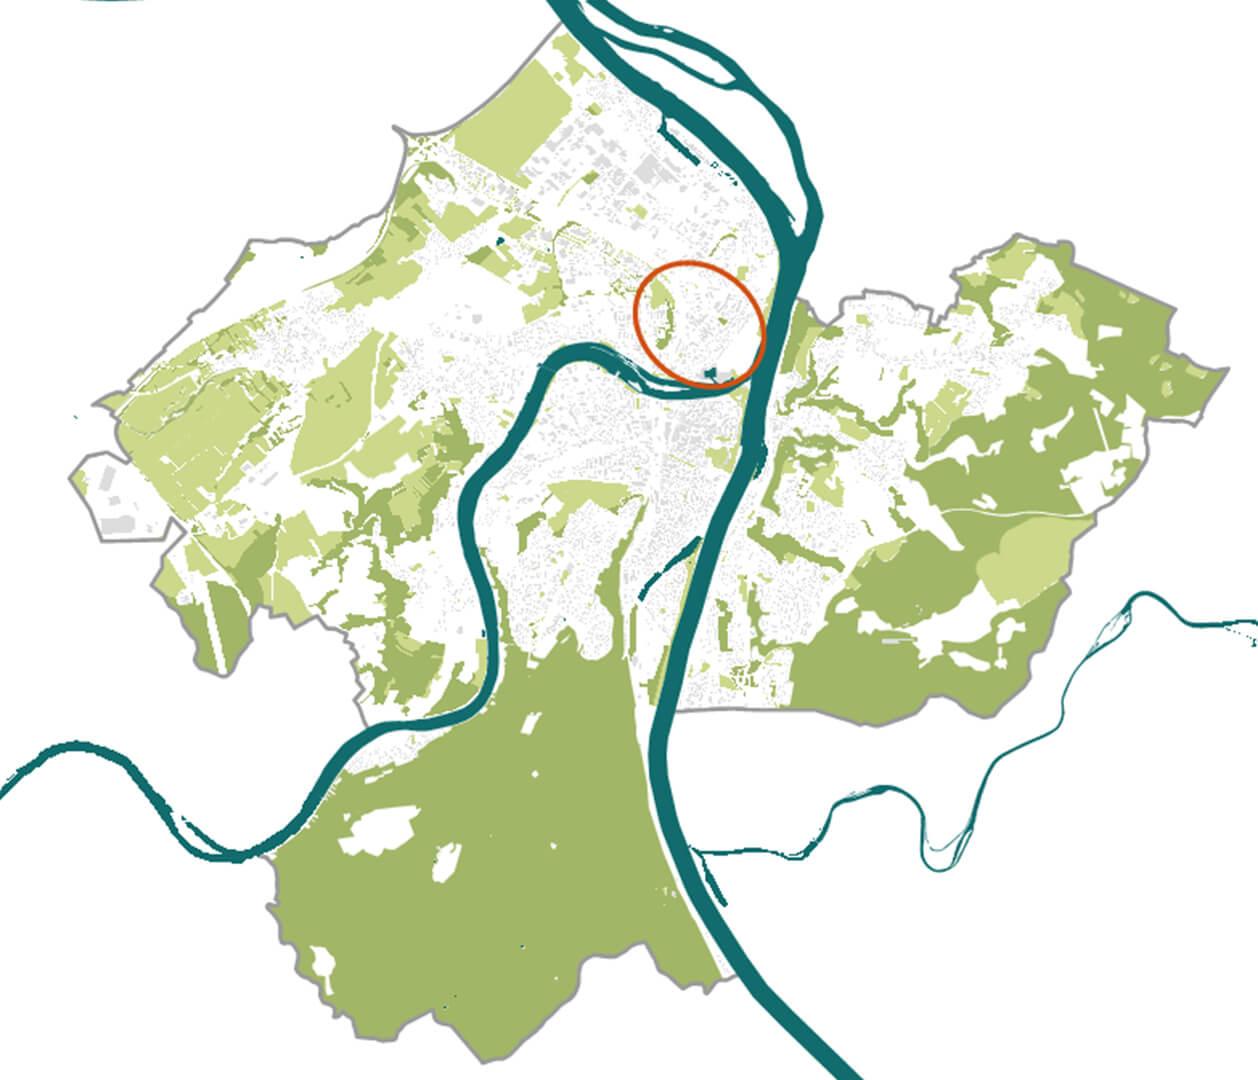 Das Fördergebiet im Gesamtbild der Koblenzer Grünzüge